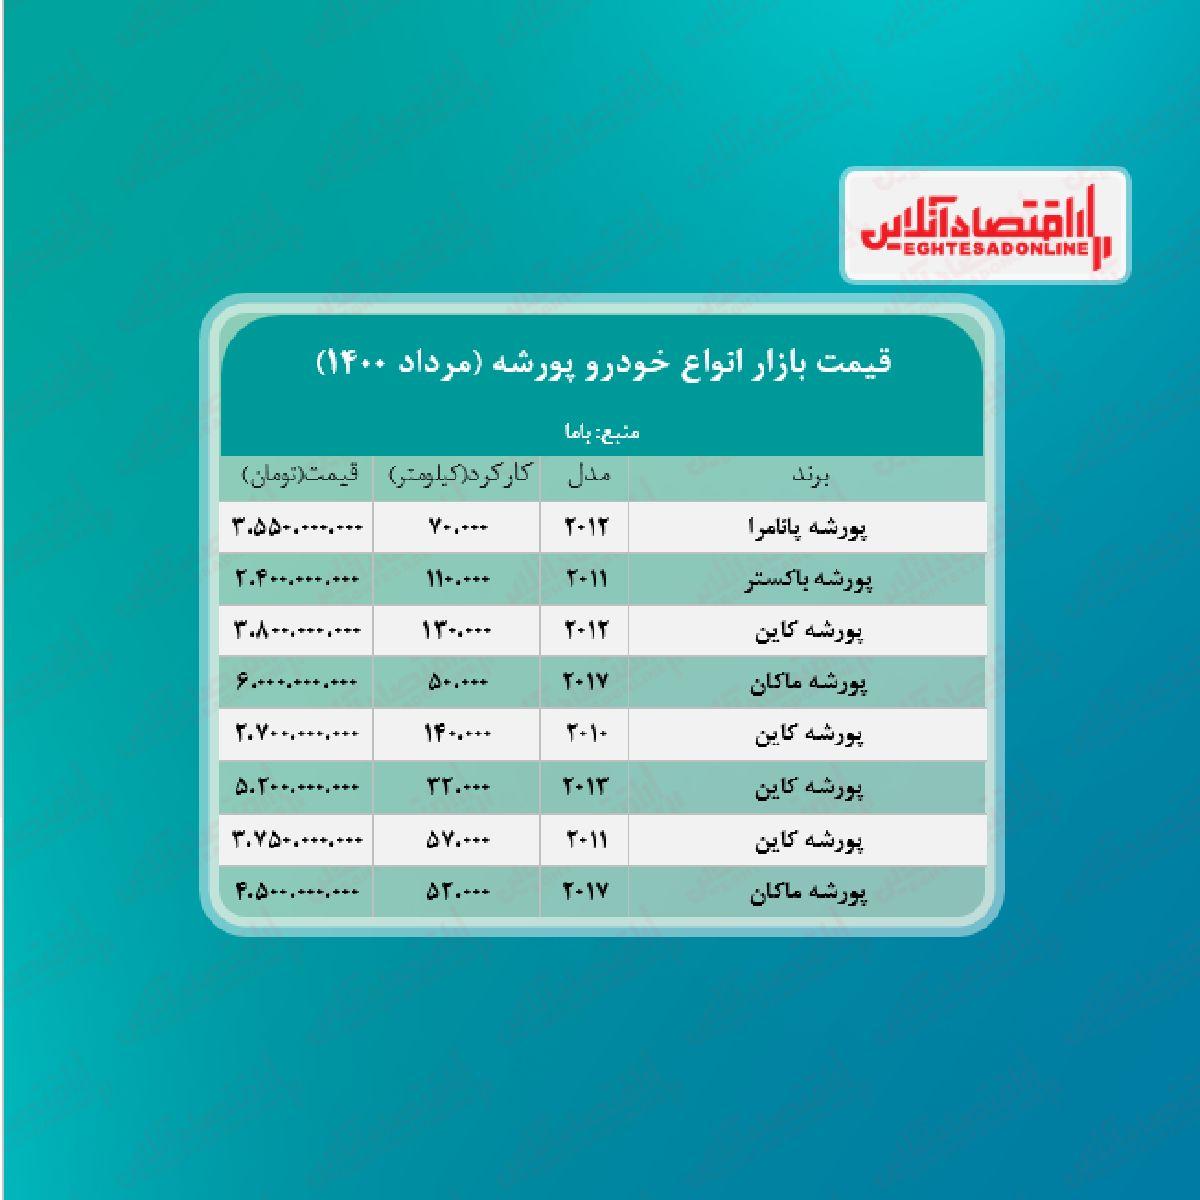 قیمت انواع پورشه در تهران + جدول